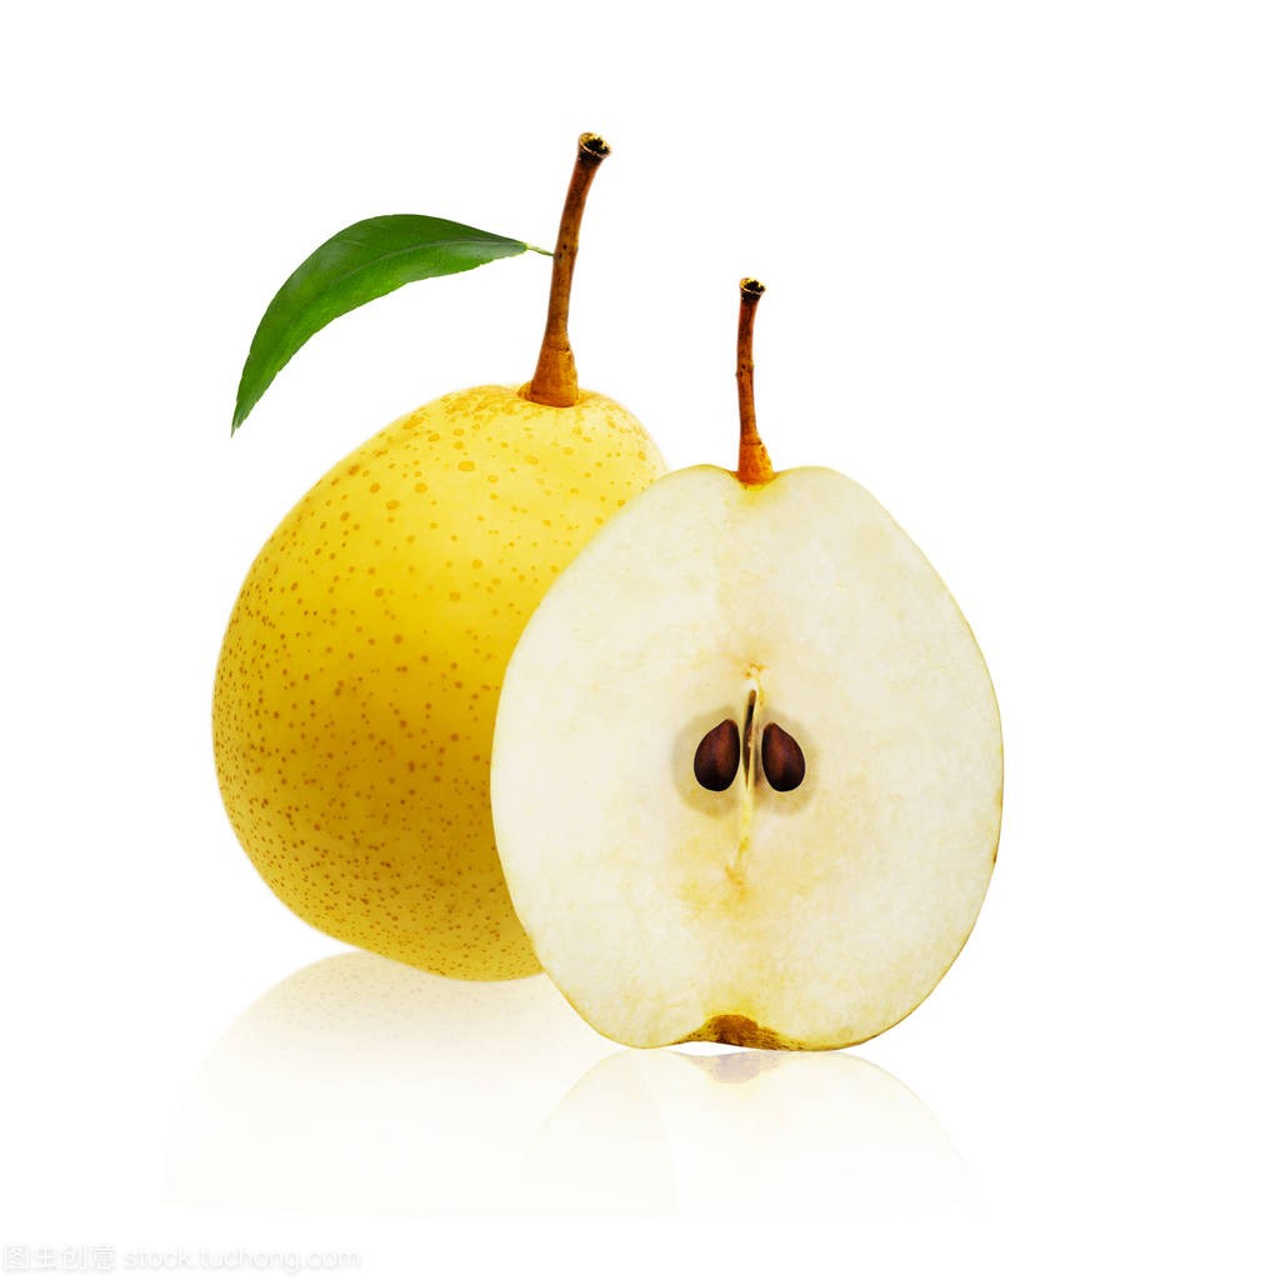 水果白色和一把切成两半孤立在门框黄梨上背景花边机图片